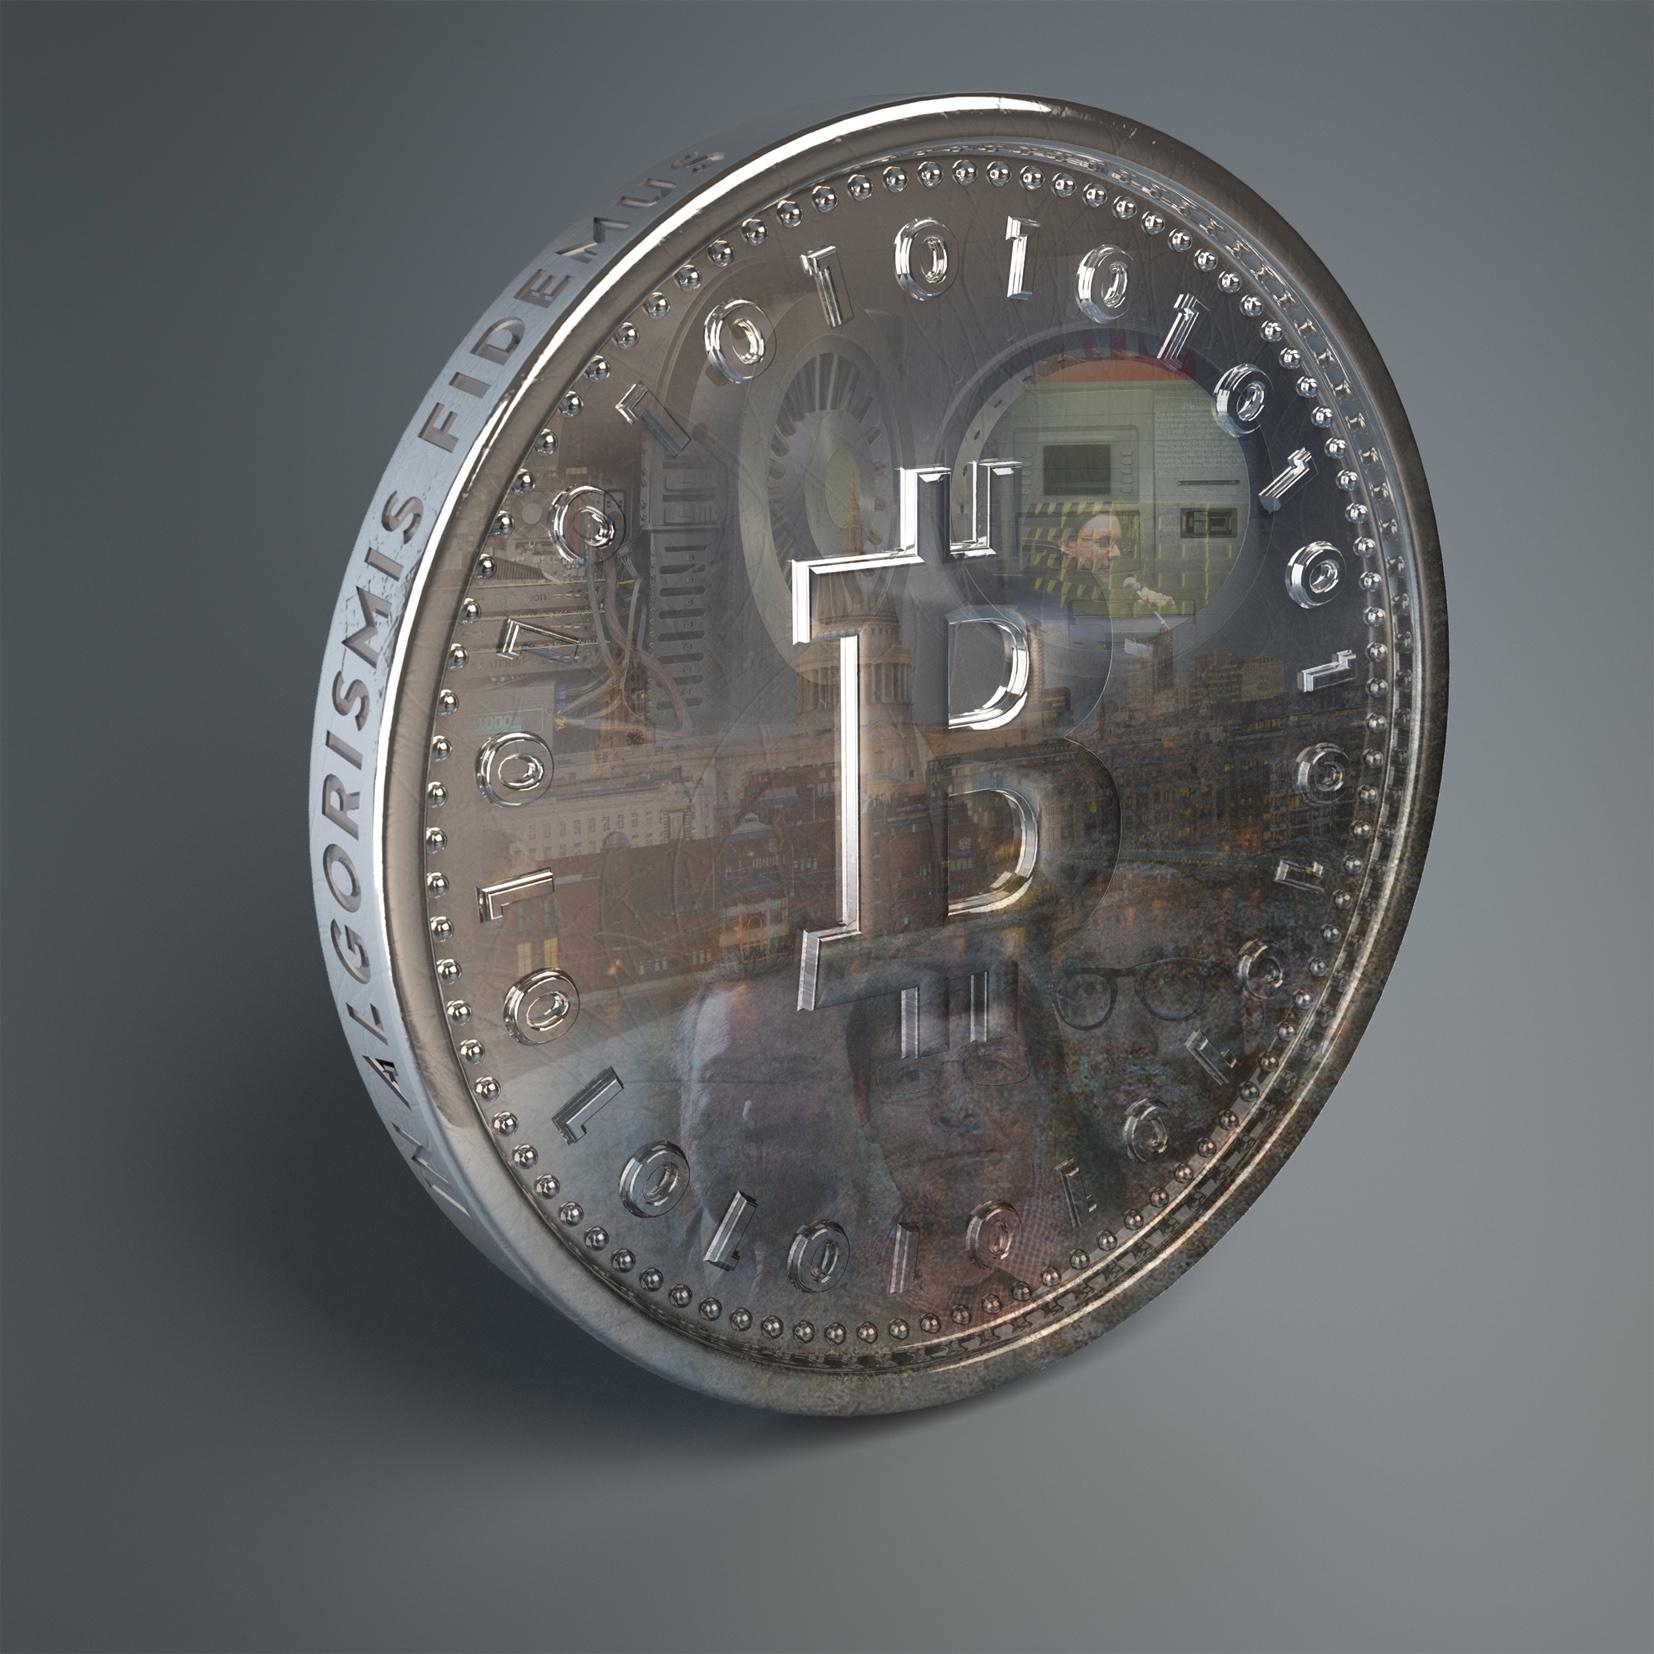 Coin / Wired Magazine